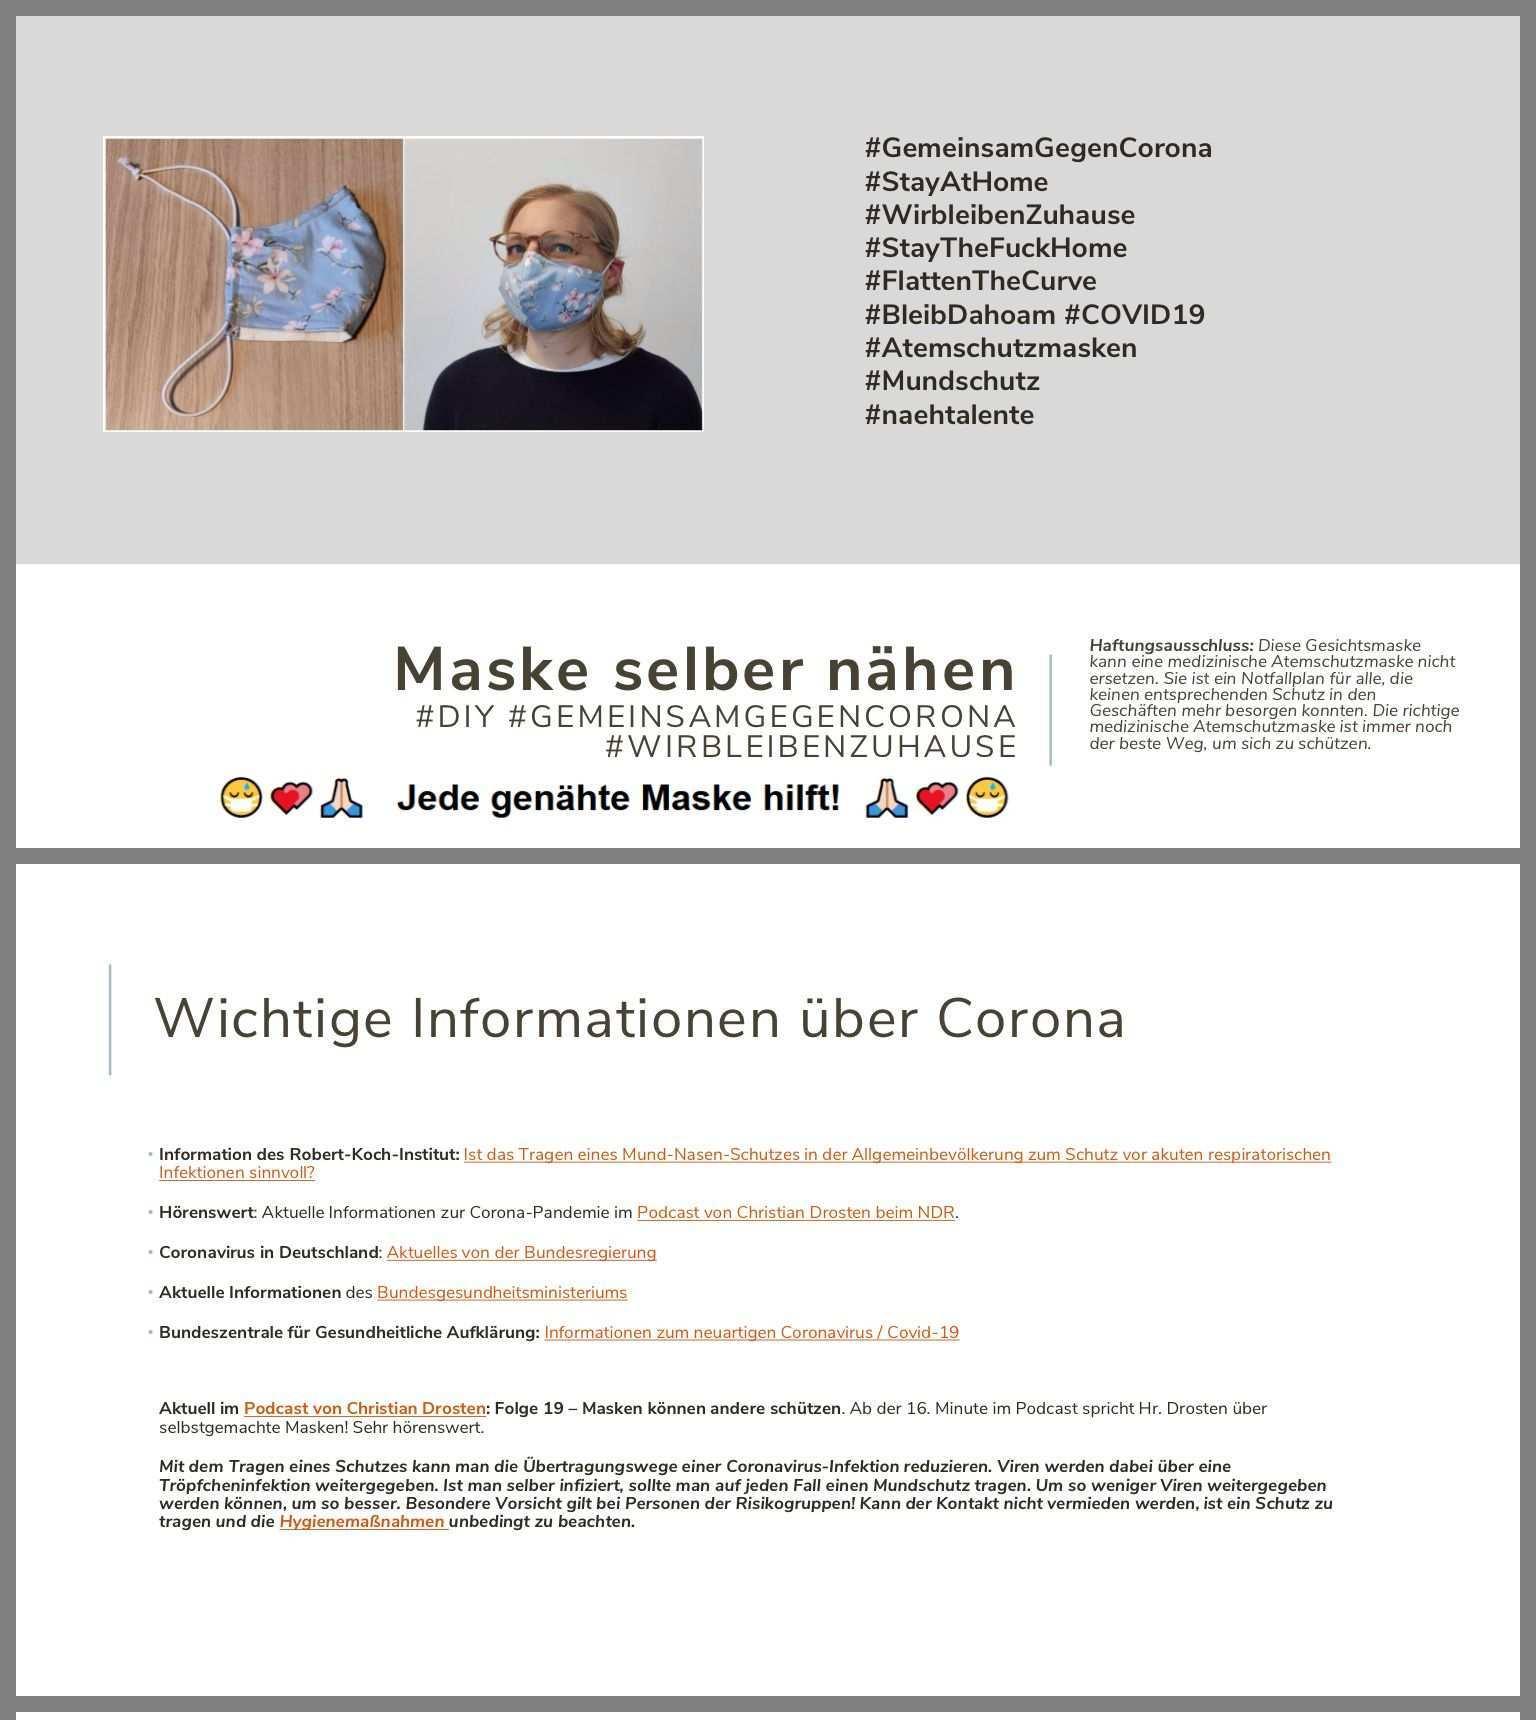 Pin Von Hildegard Buhmann Auf Kleinkram In 2020 Masken Gesichts Masken Gesichtsmaske